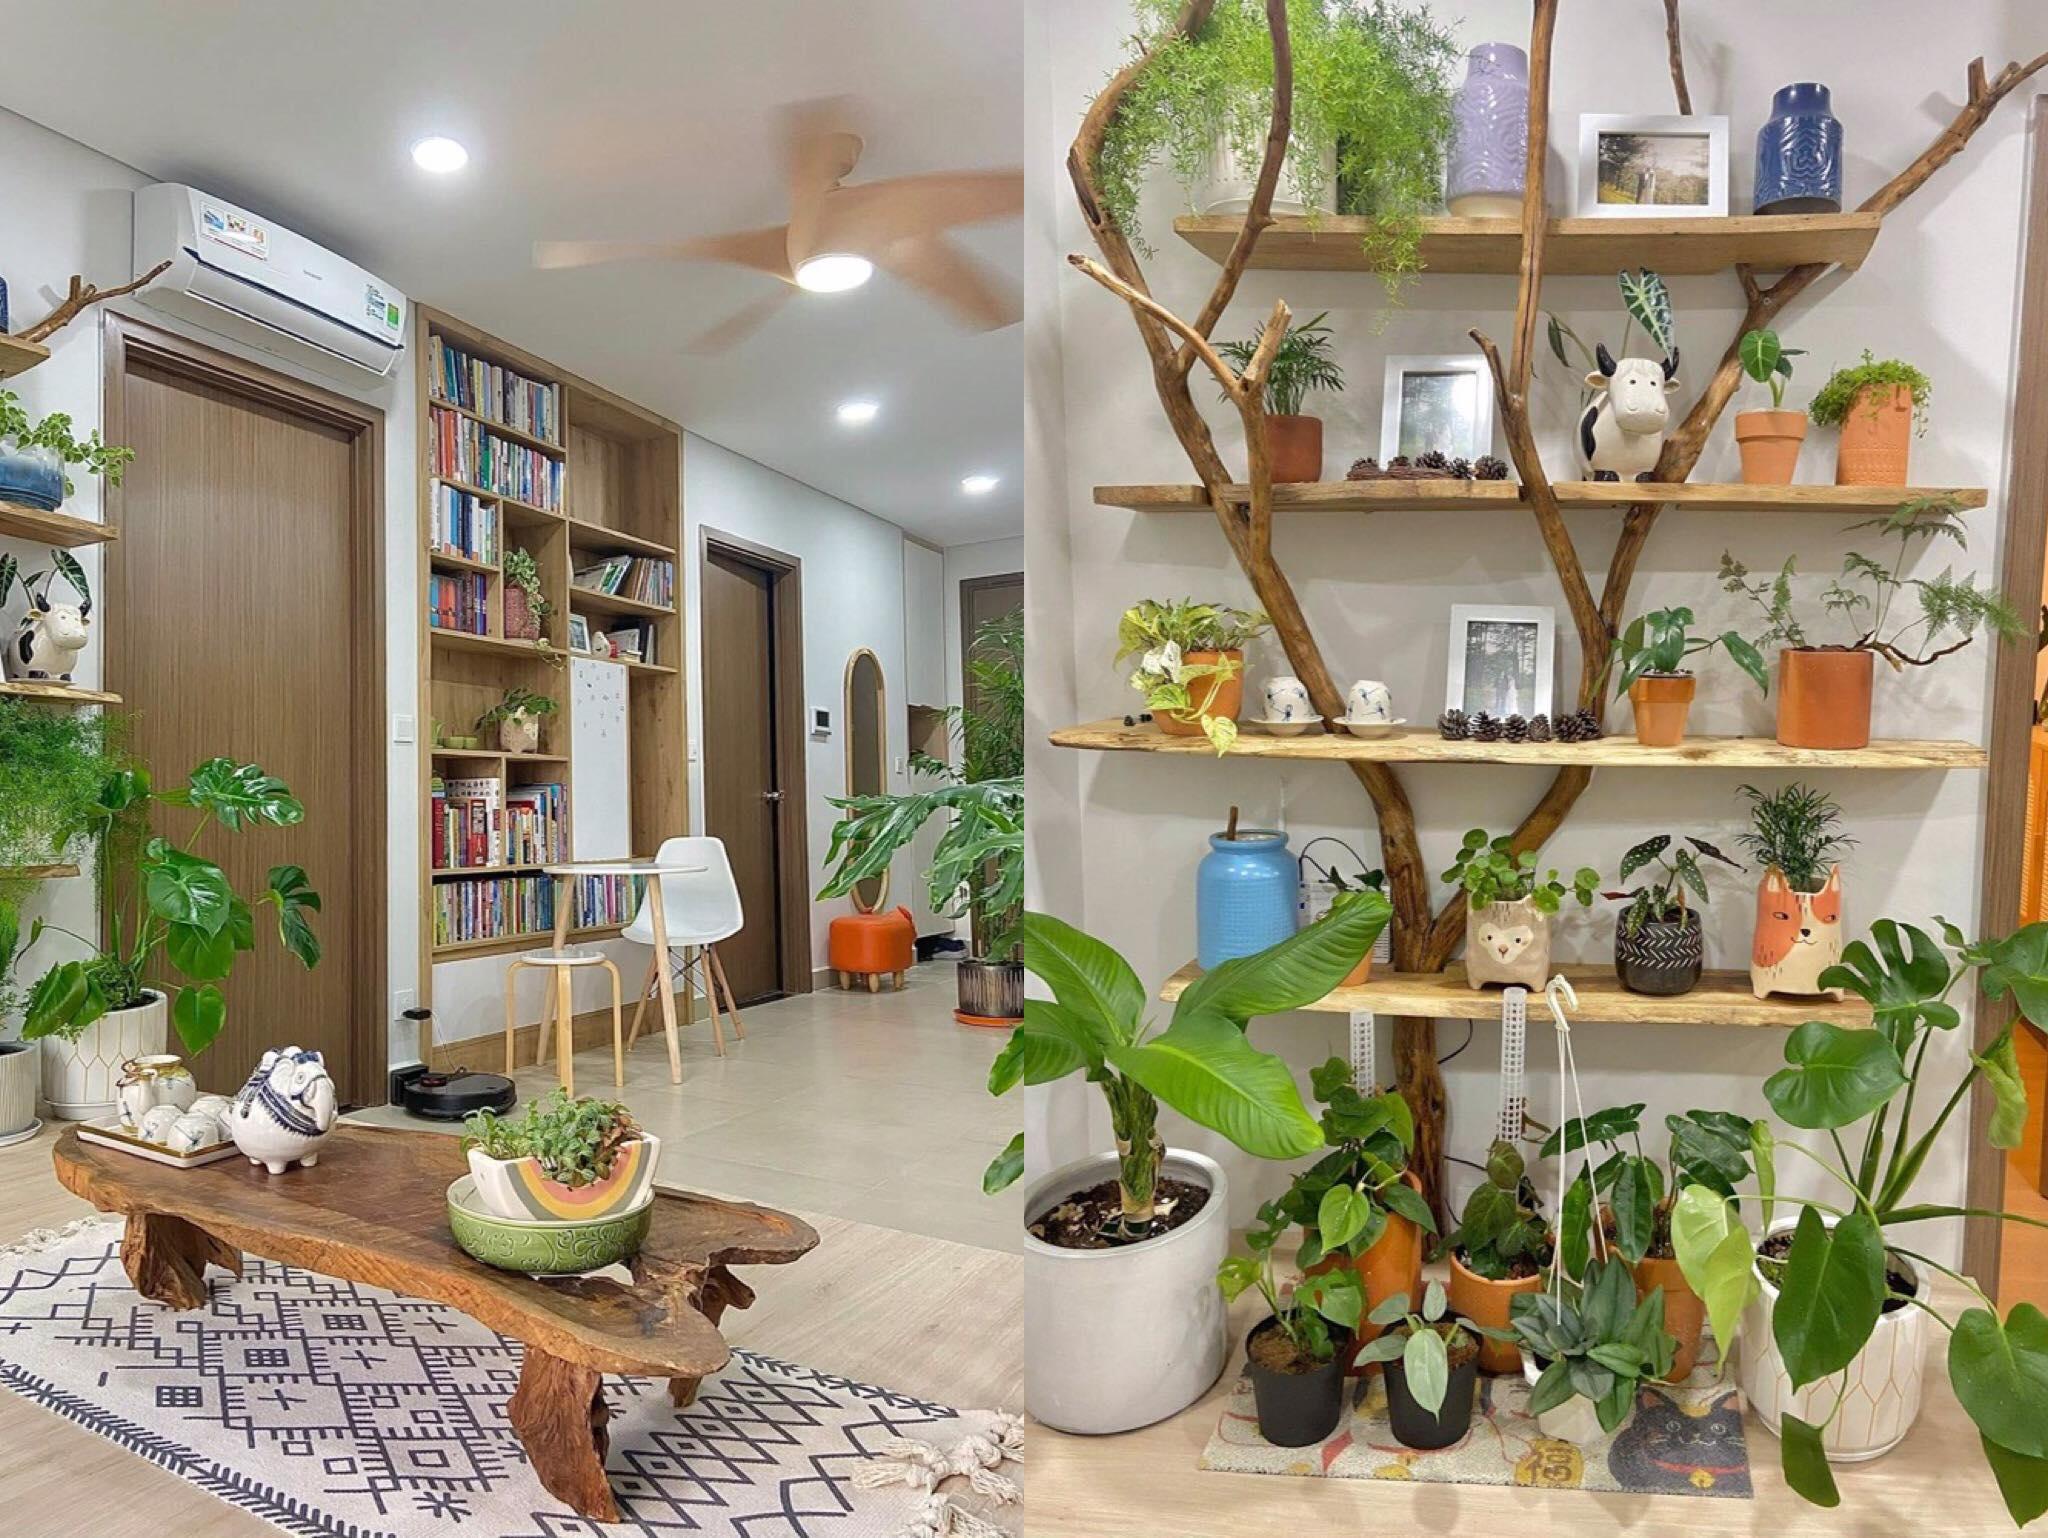 Đôi vợ chồng mang cả 'không gian xanh' vào trong ngôi nhà nho nhỏ của mình